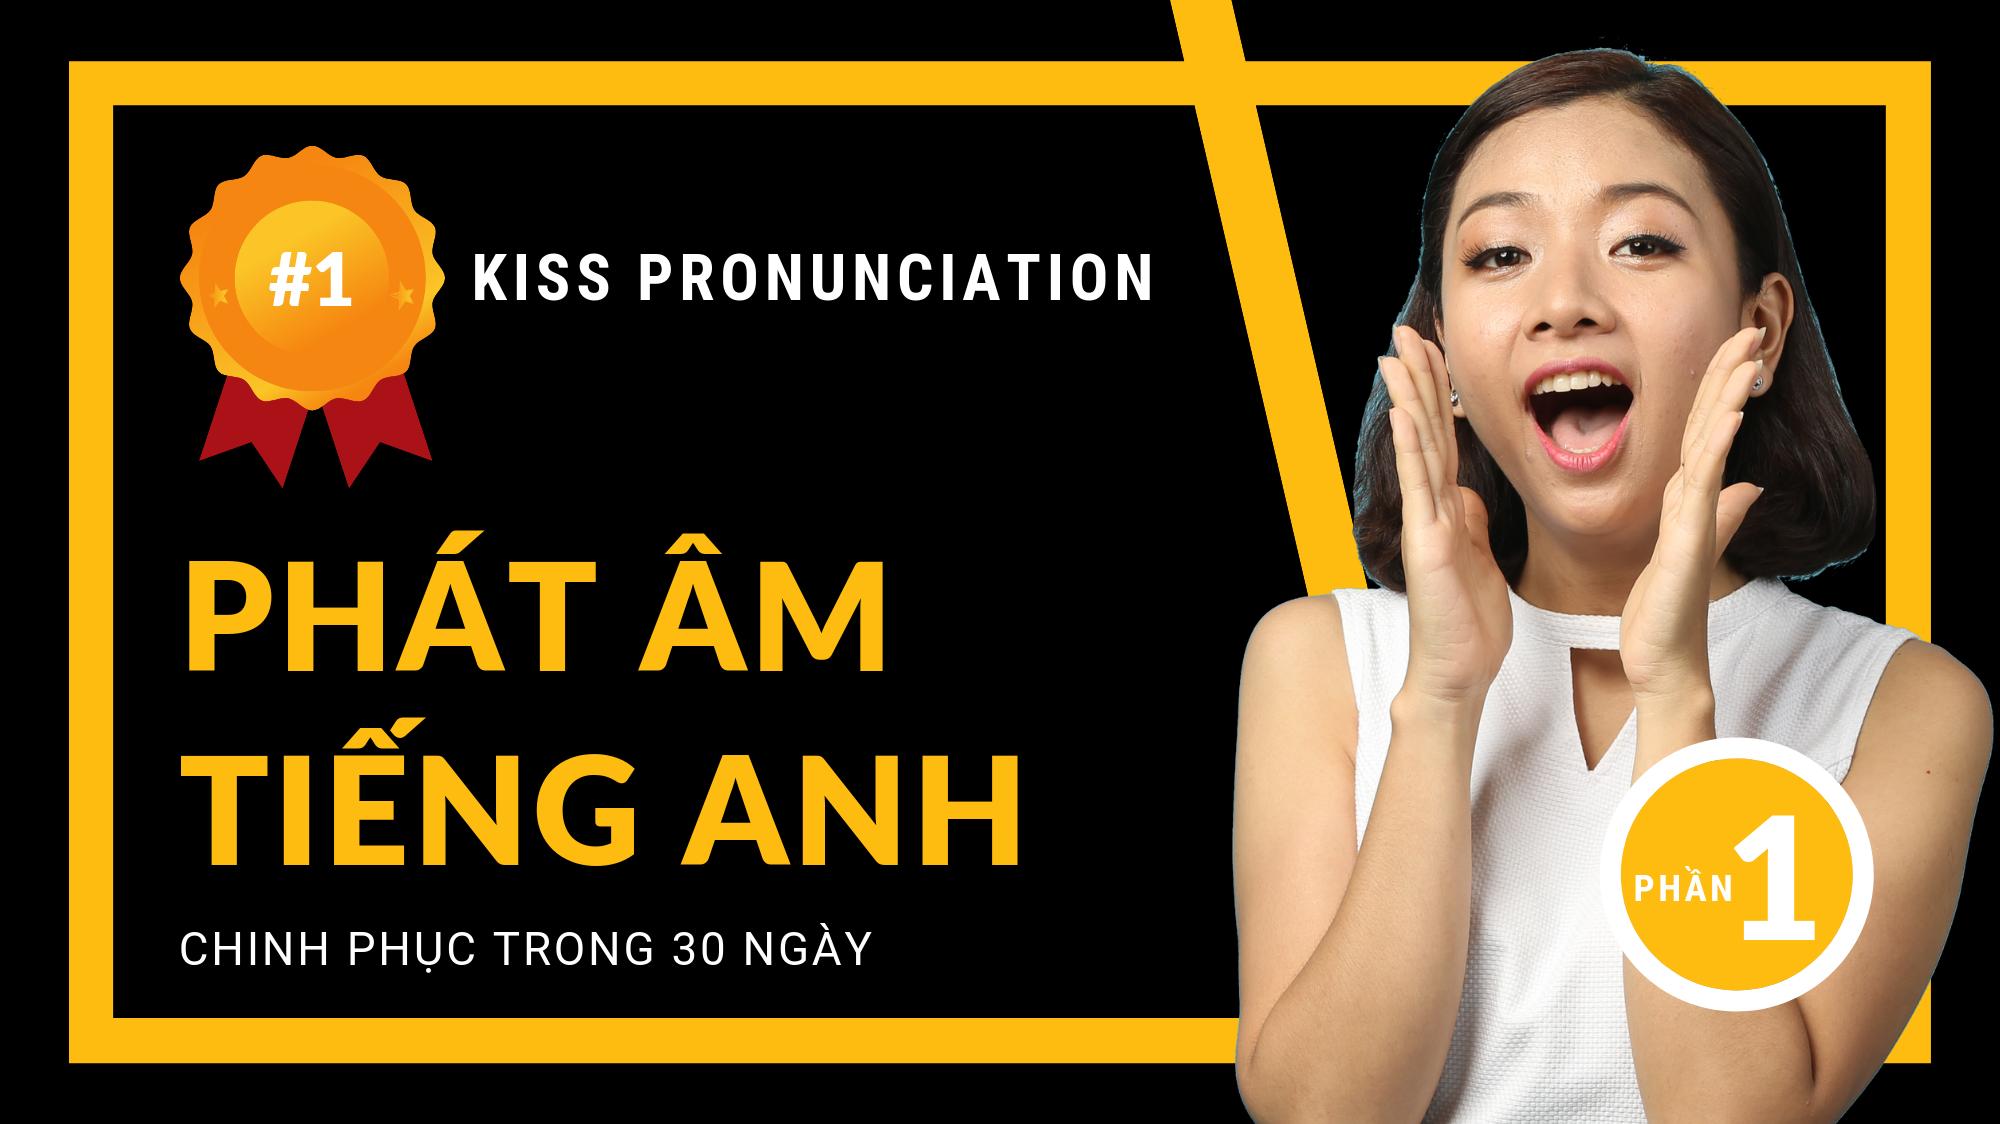 CHINH PHỤC PHÁT ÂM TIẾNG ANH - KISS PRONUNCIATION - PHẦN 1: NGUYÊN ÂM